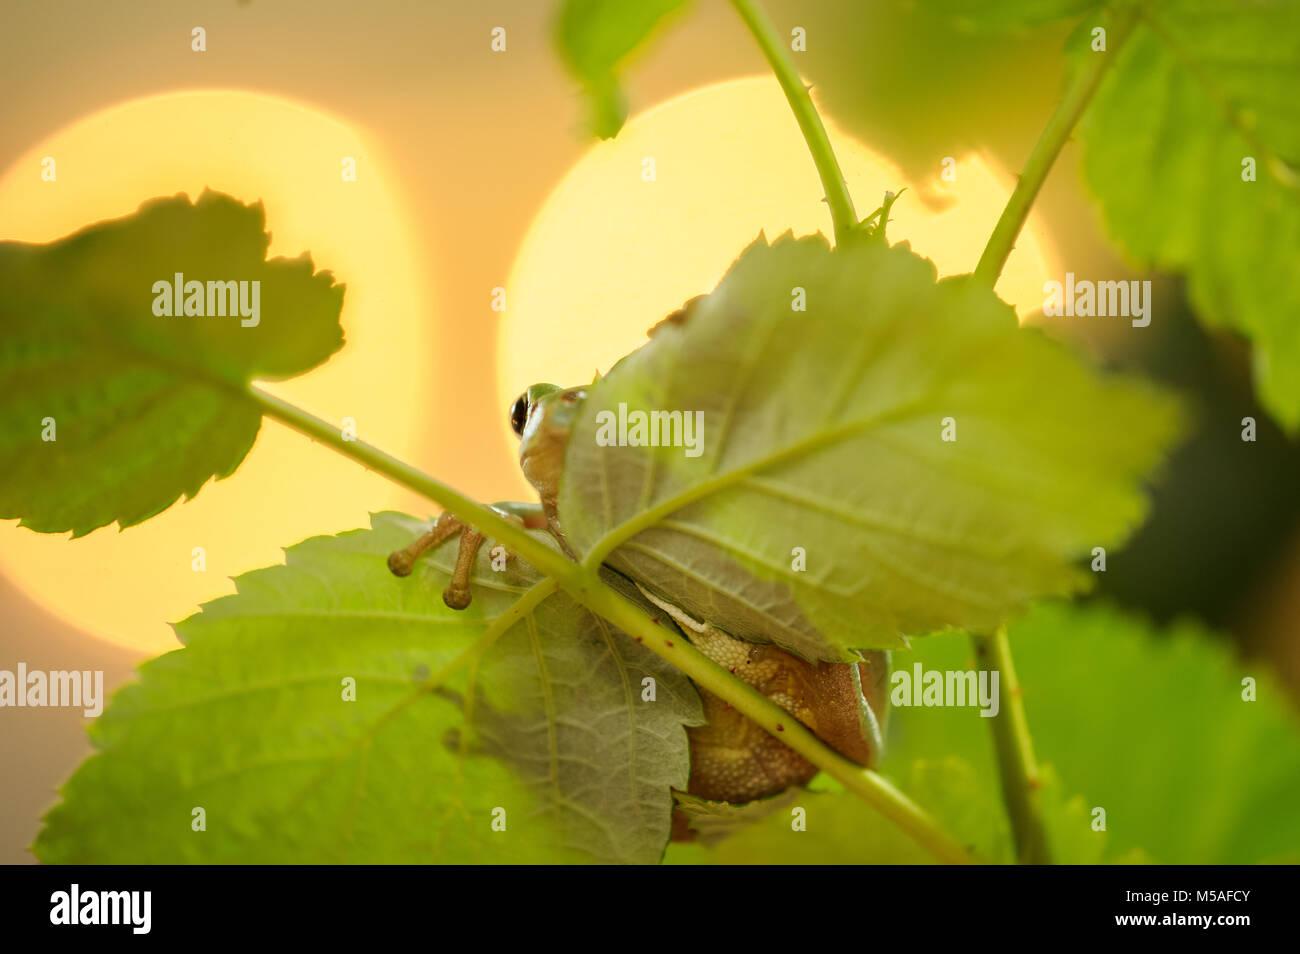 Versteckte Frosch mit Hintergrundbeleuchtung Stockbild